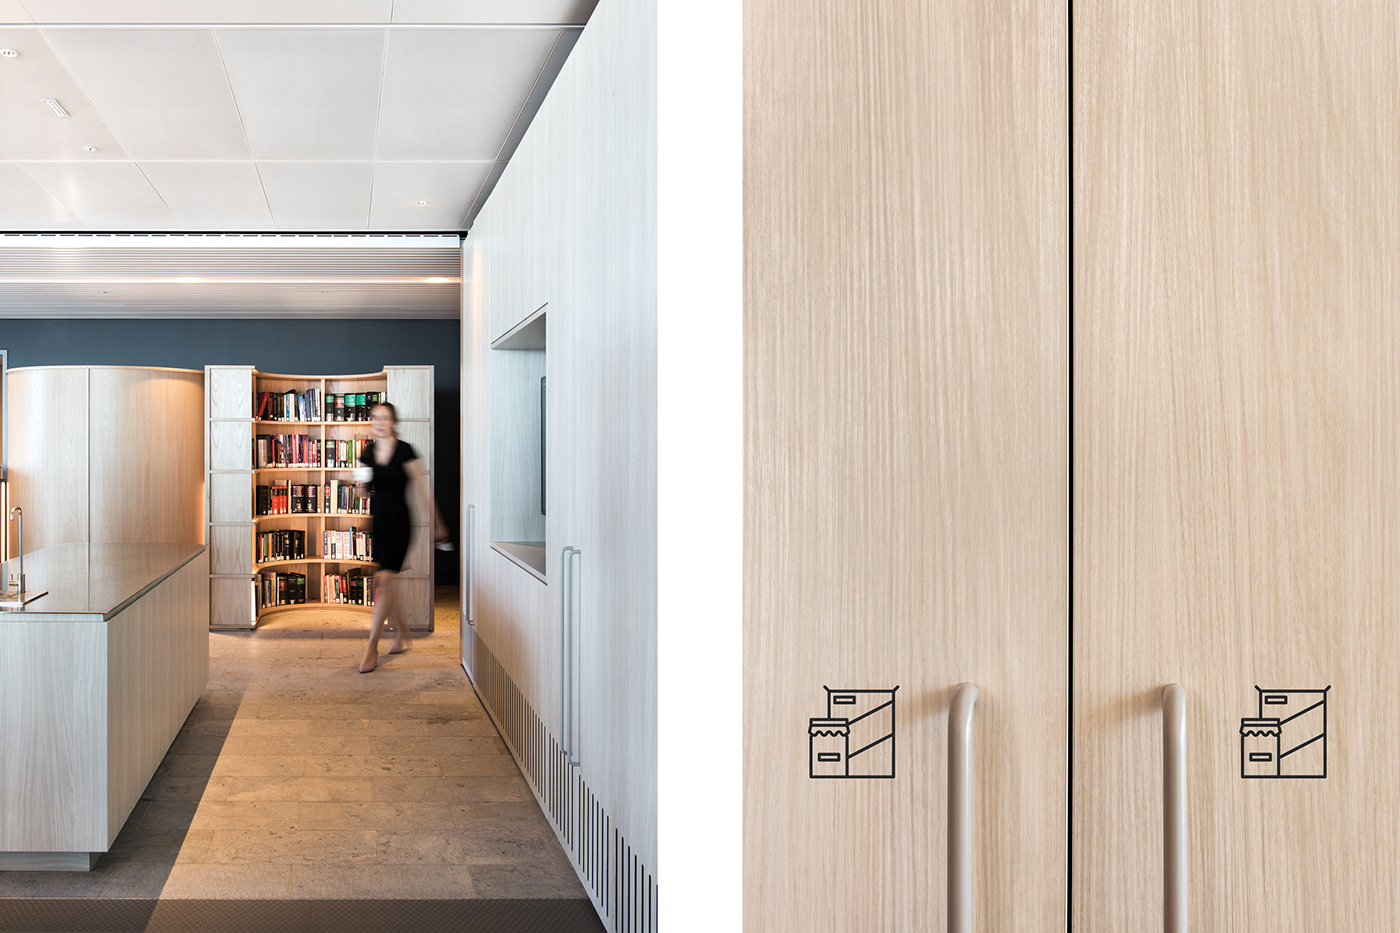 贝克·麦坚时(Baker&McKenzie)悉尼总部标识系统设计  © Pop & Pac Studio